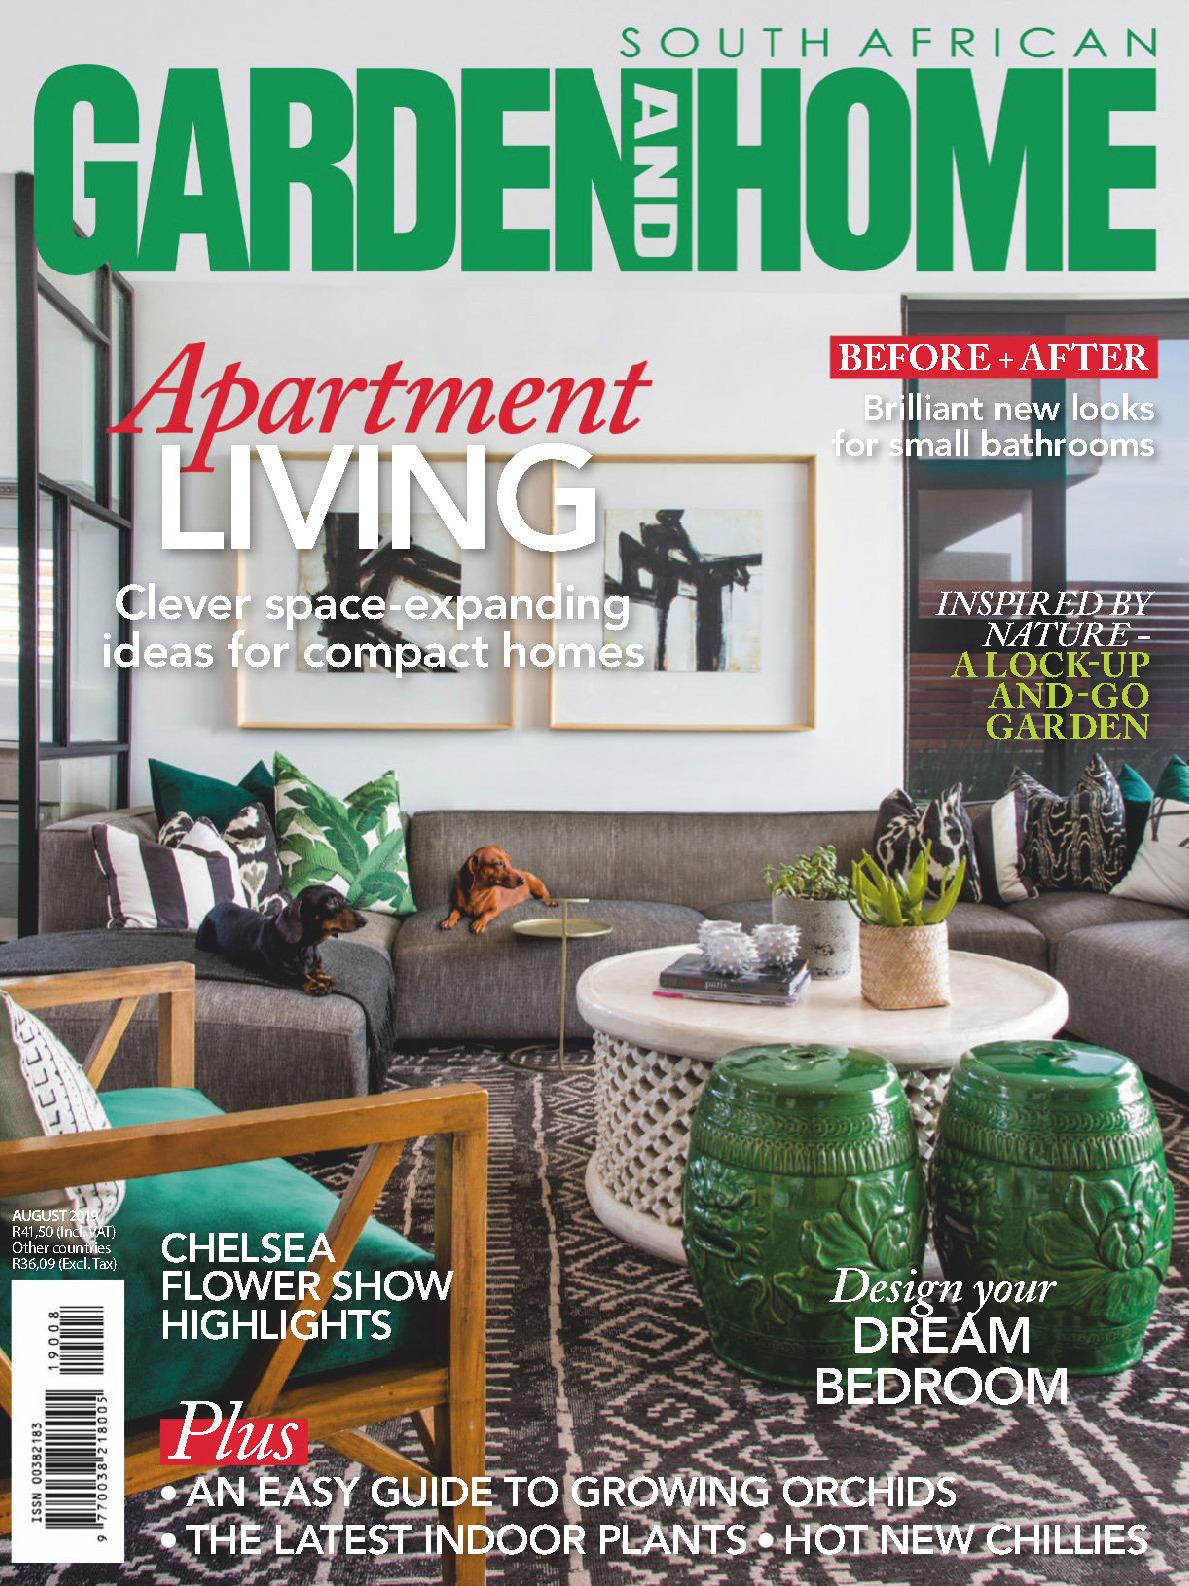 《Garden and Home》南非版时尚家居杂志2019年08月号